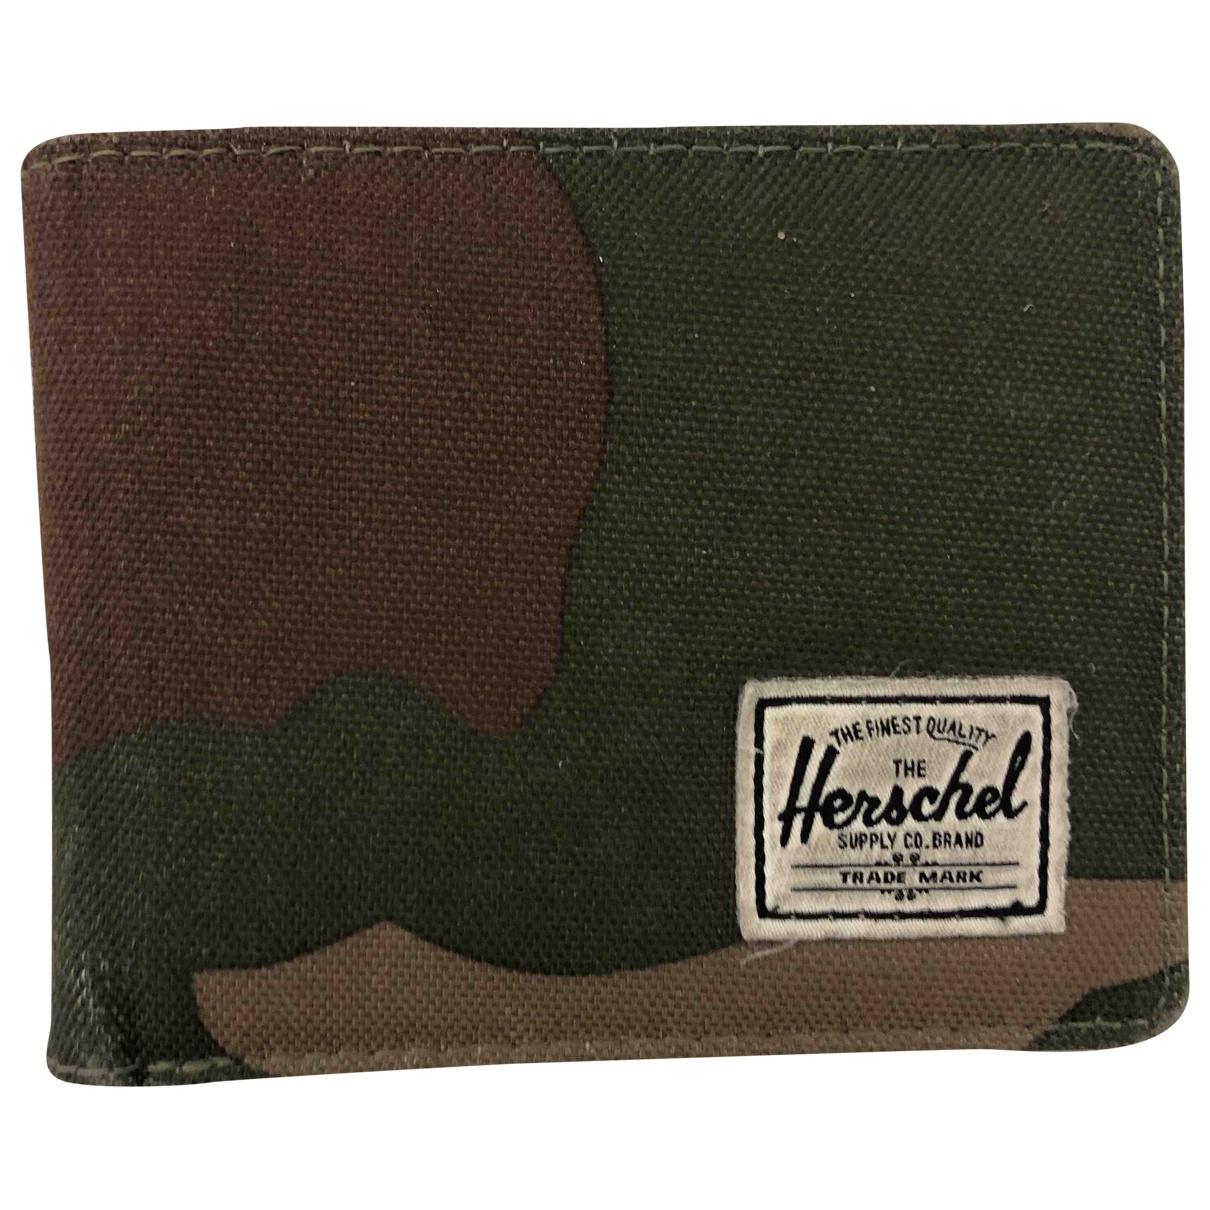 Herschel - Petite maroquinerie   pour homme - marron